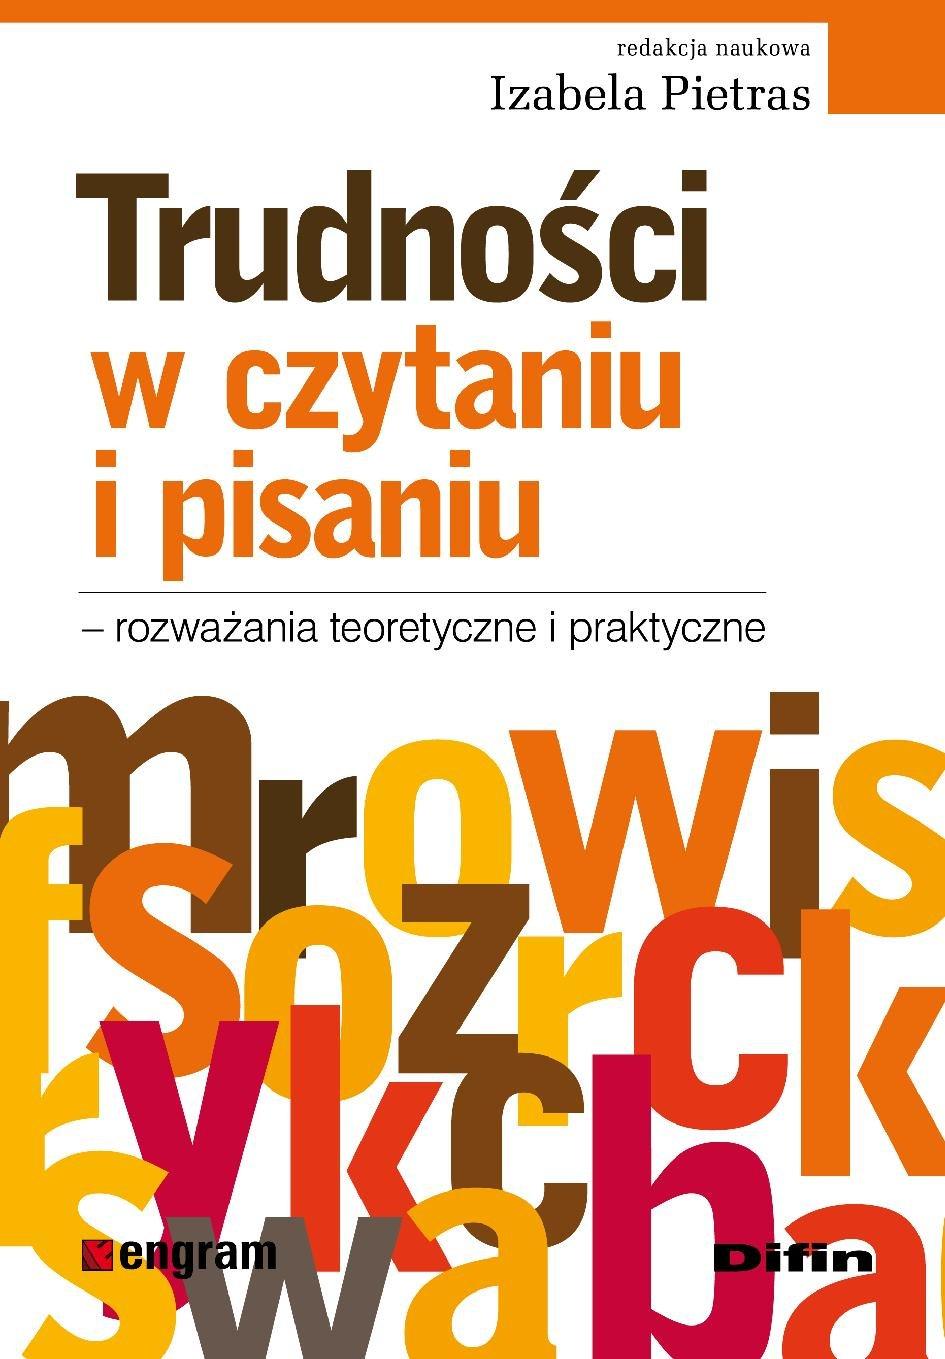 Trudności w czytaniu i pisaniu - rozważania teoretyczne i praktyczne - Ebook (Książka PDF) do pobrania w formacie PDF